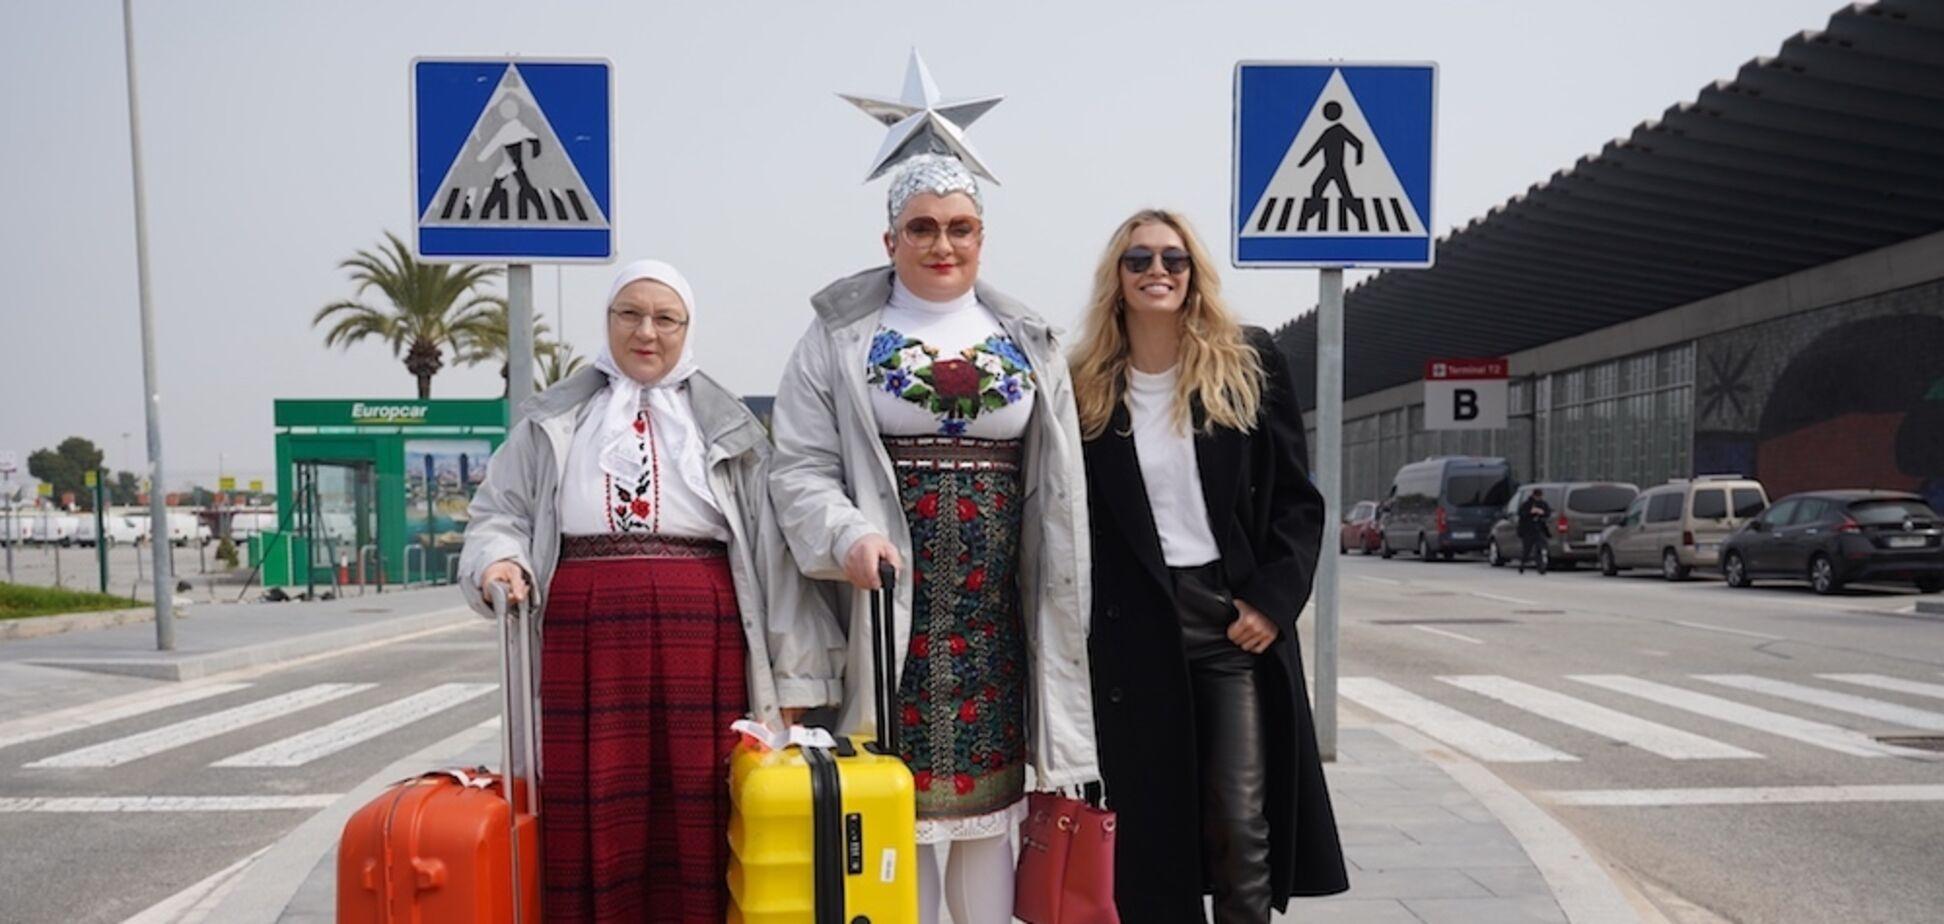 Вера Брежнева попала в курьез перед съемками 'Орла и Решки'